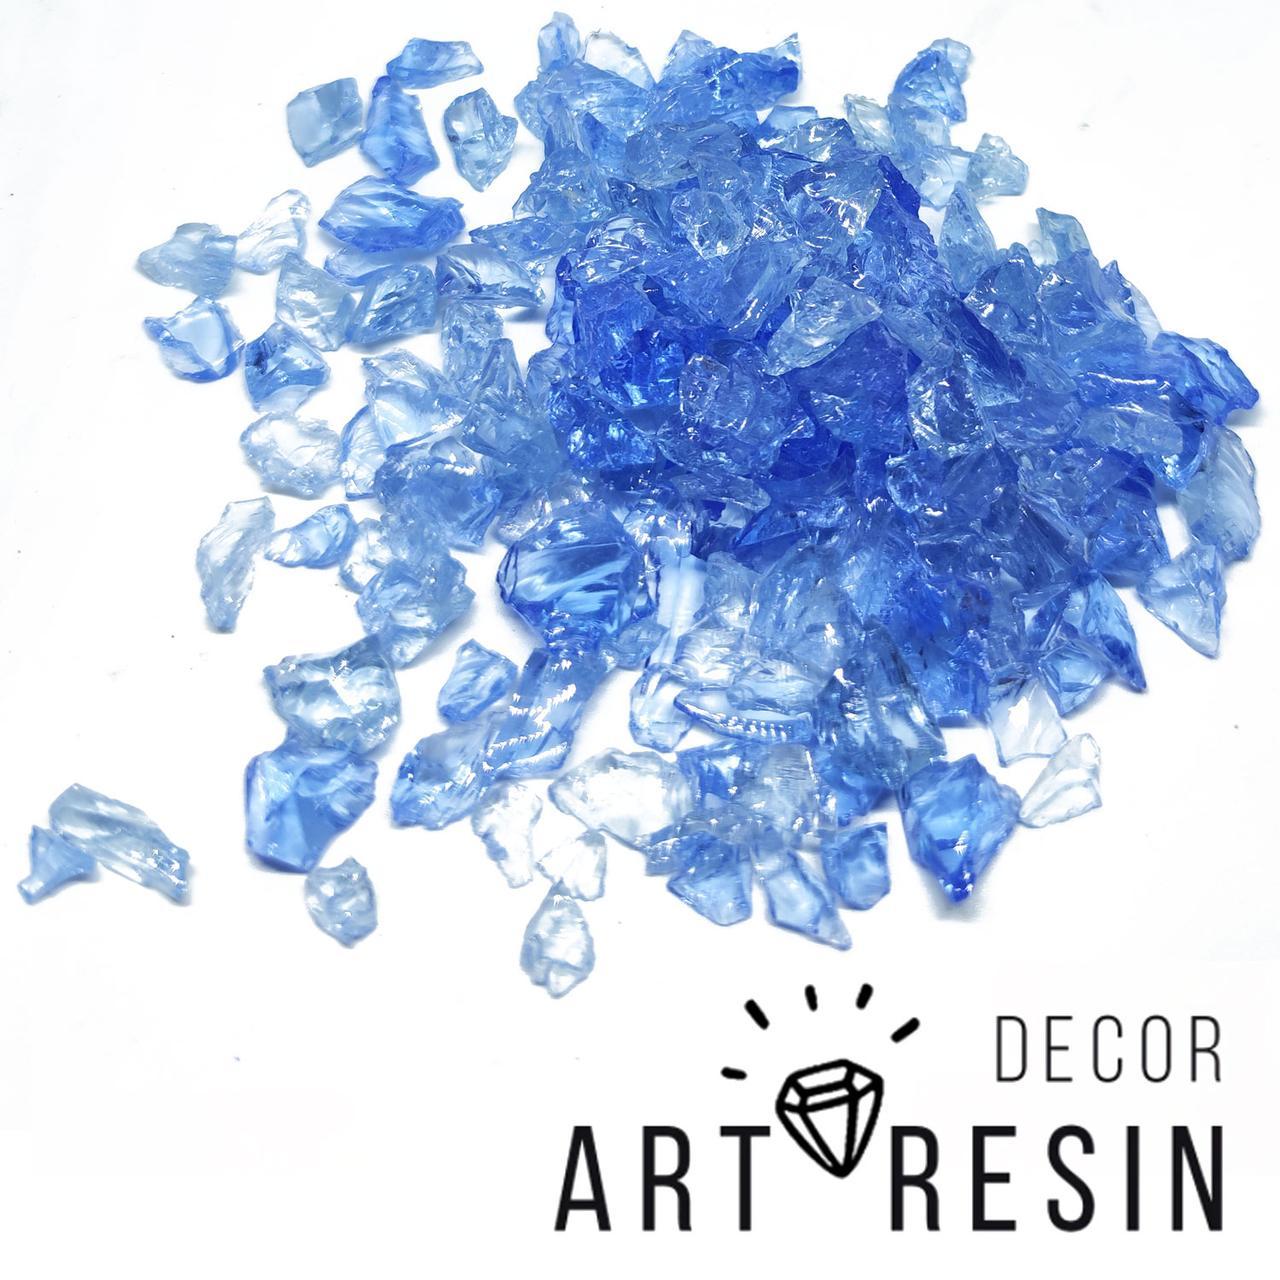 """Стеклокрошка цвет """"Голубой ледник"""", средняя фракция, 5-8 мм, микс, уп. 150 г"""